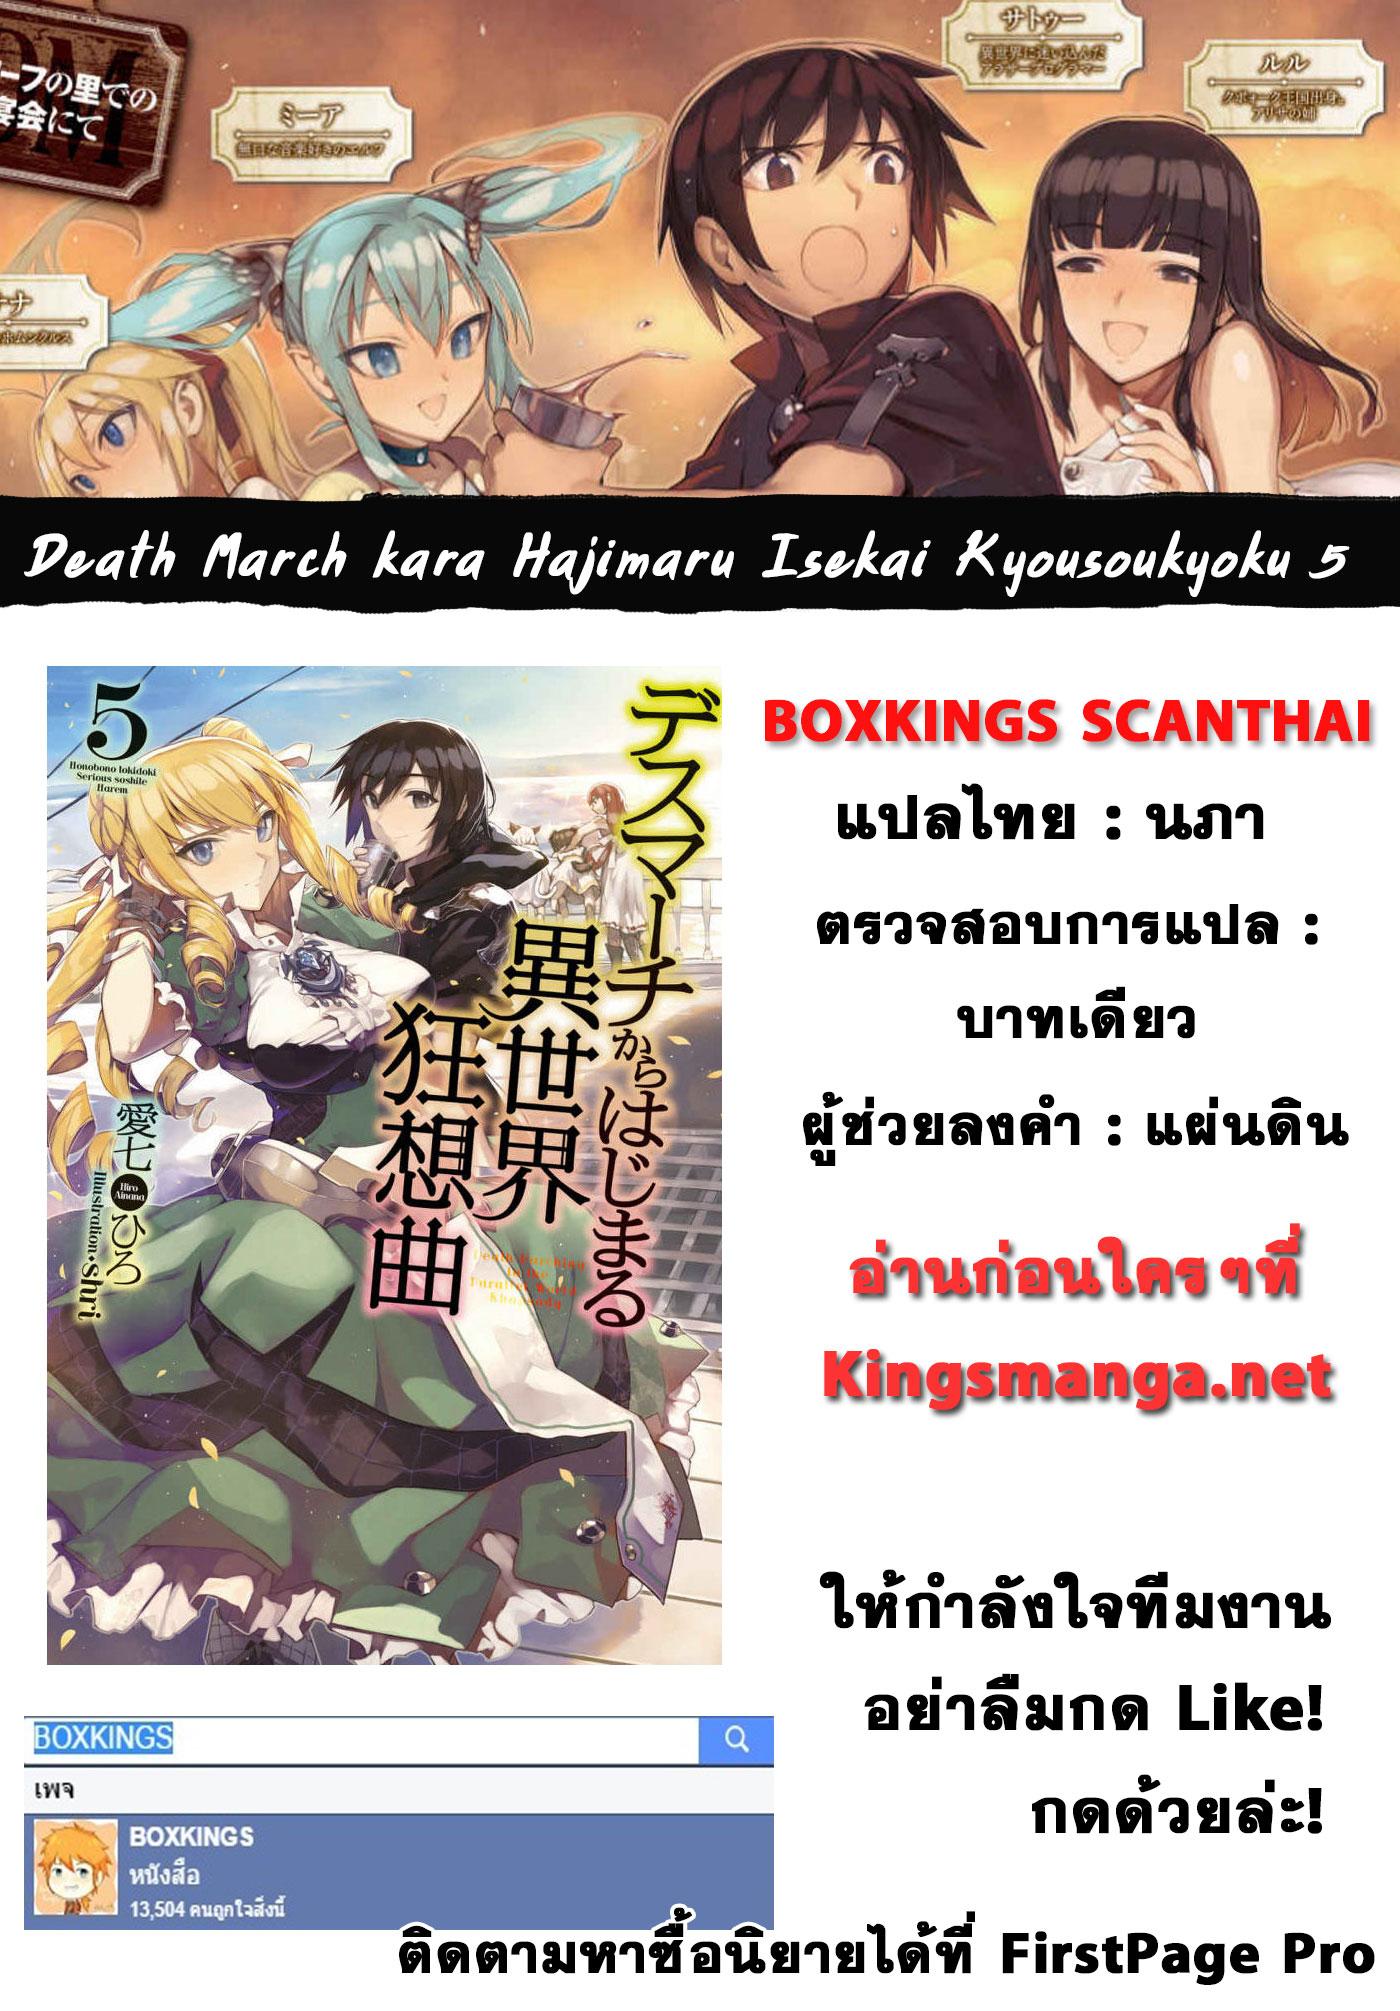 อ่านการ์ตูน Death March kara Hajimaru Isekai Kyousoukyoku 5 ภาพที่ 20